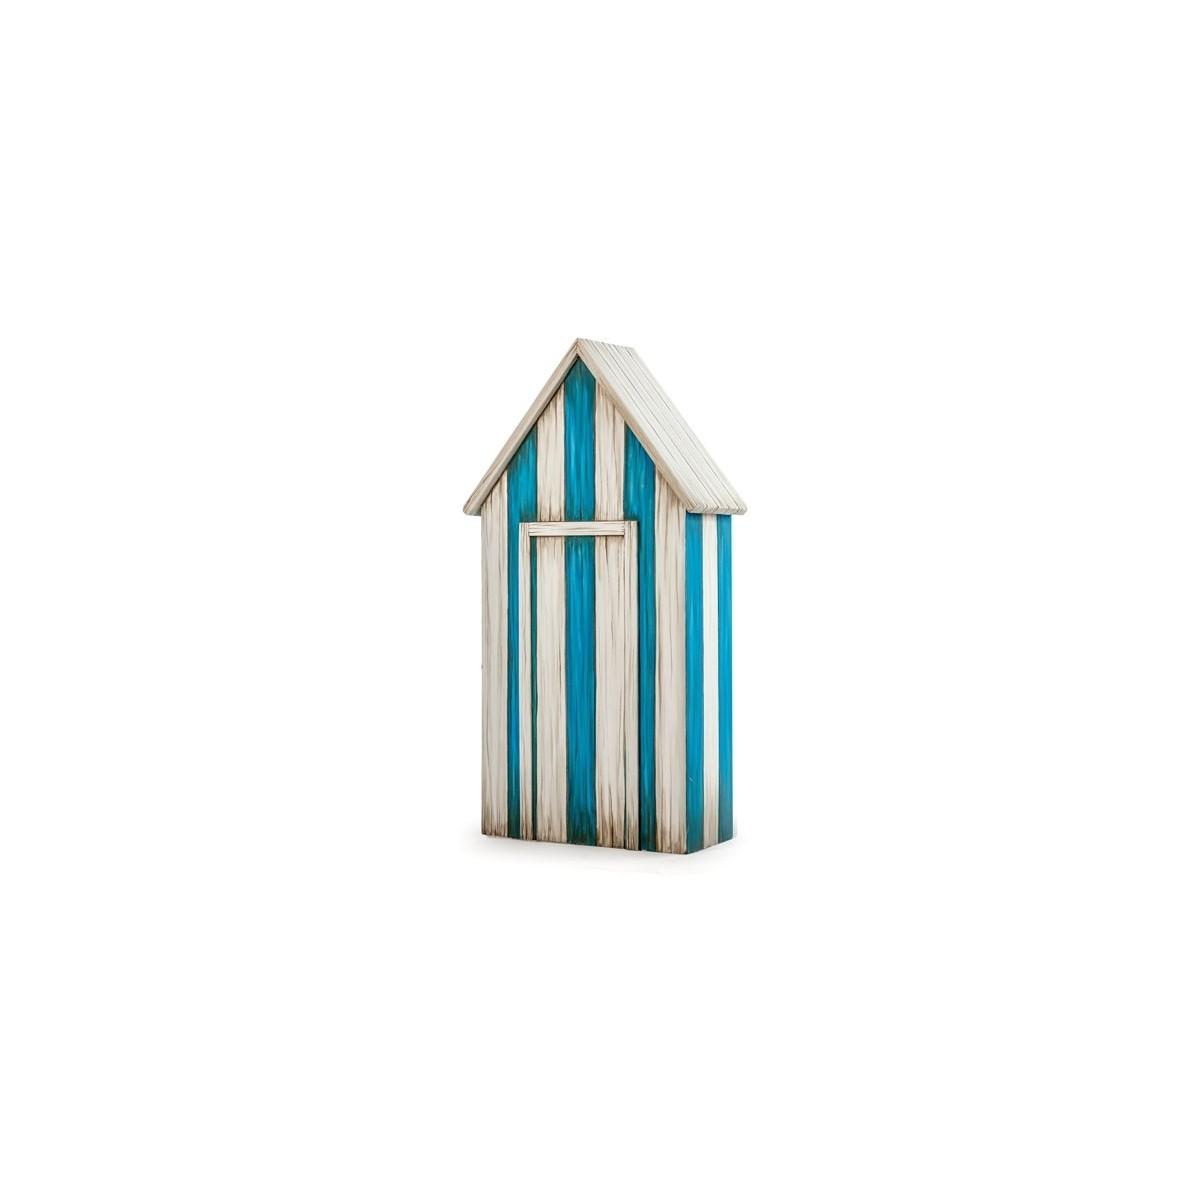 Caseta playa 1095 fotostilfondo for Casetas de plastico para jardin